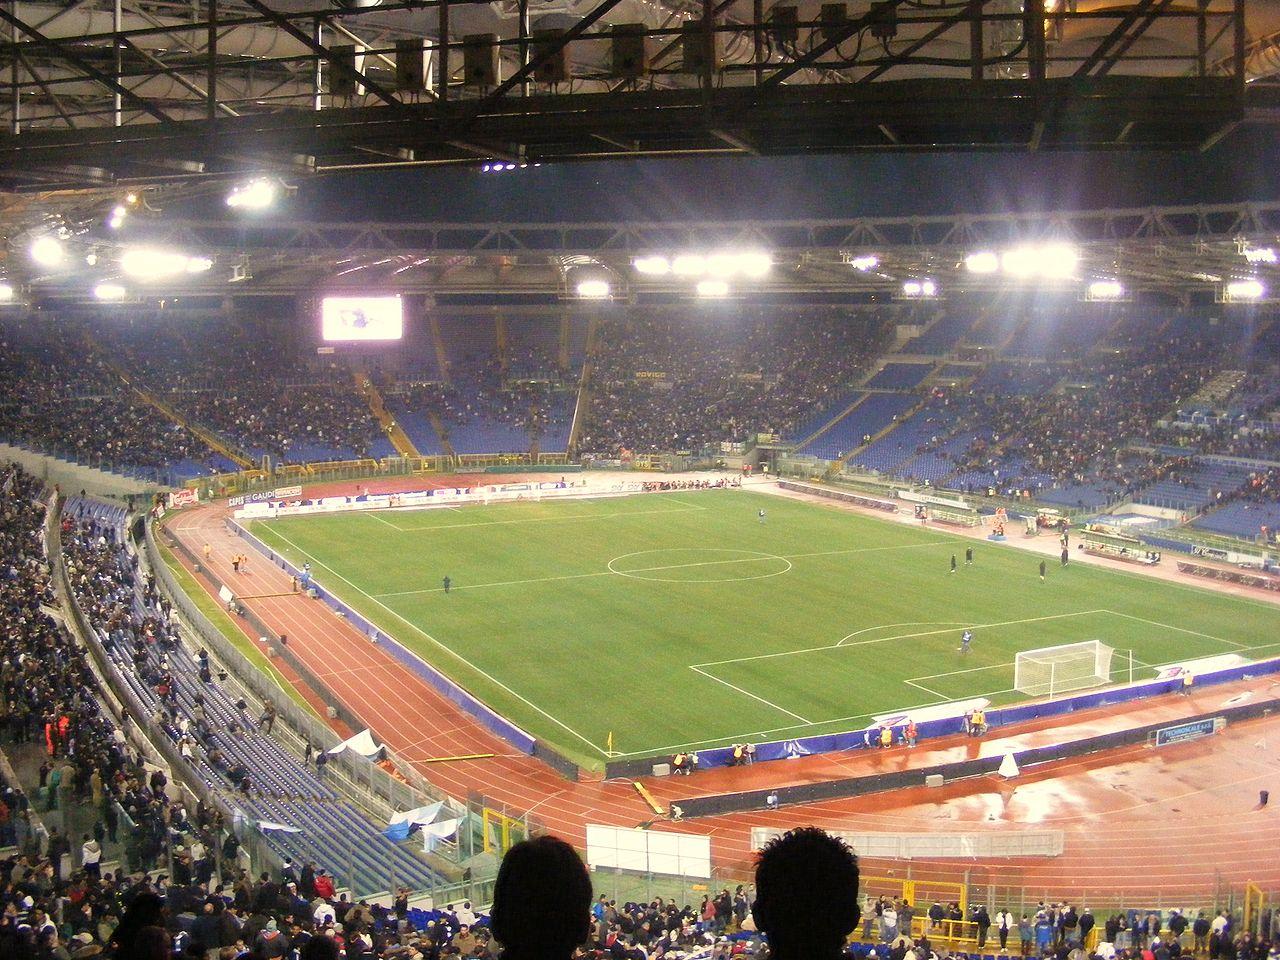 Bombát hatástalanítottak Rómában az Olimpiai Stadion közelében nem sokkal az esti meccs előtt